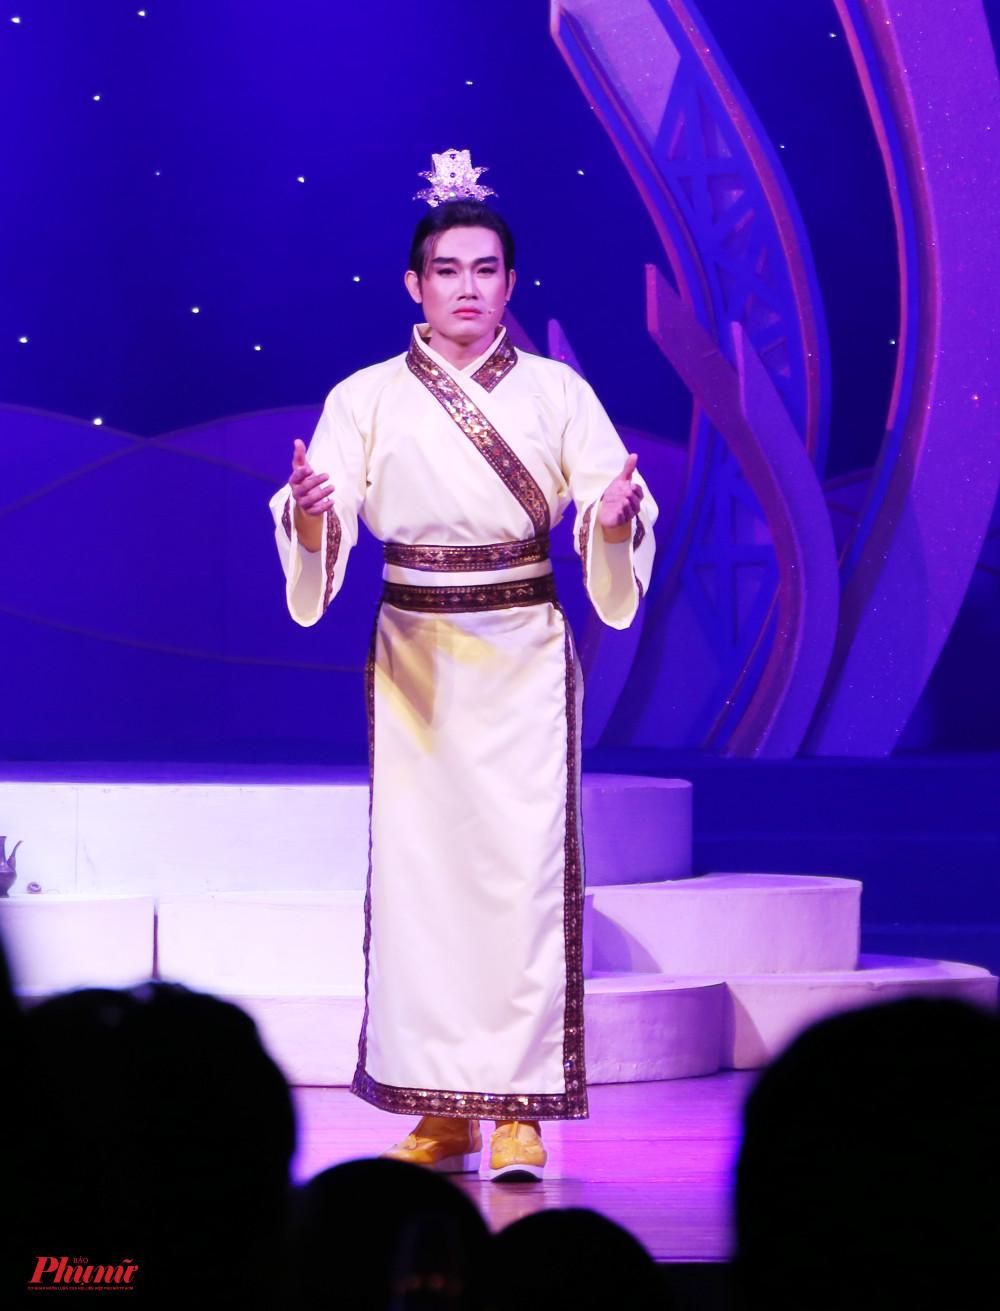 Thí sinh Võ Hoài Long (nhà hát cải lương Trần Hữu Trang) thể hiện vai kép mùi Trần Cảnh trong trích đoạn cùng tên.